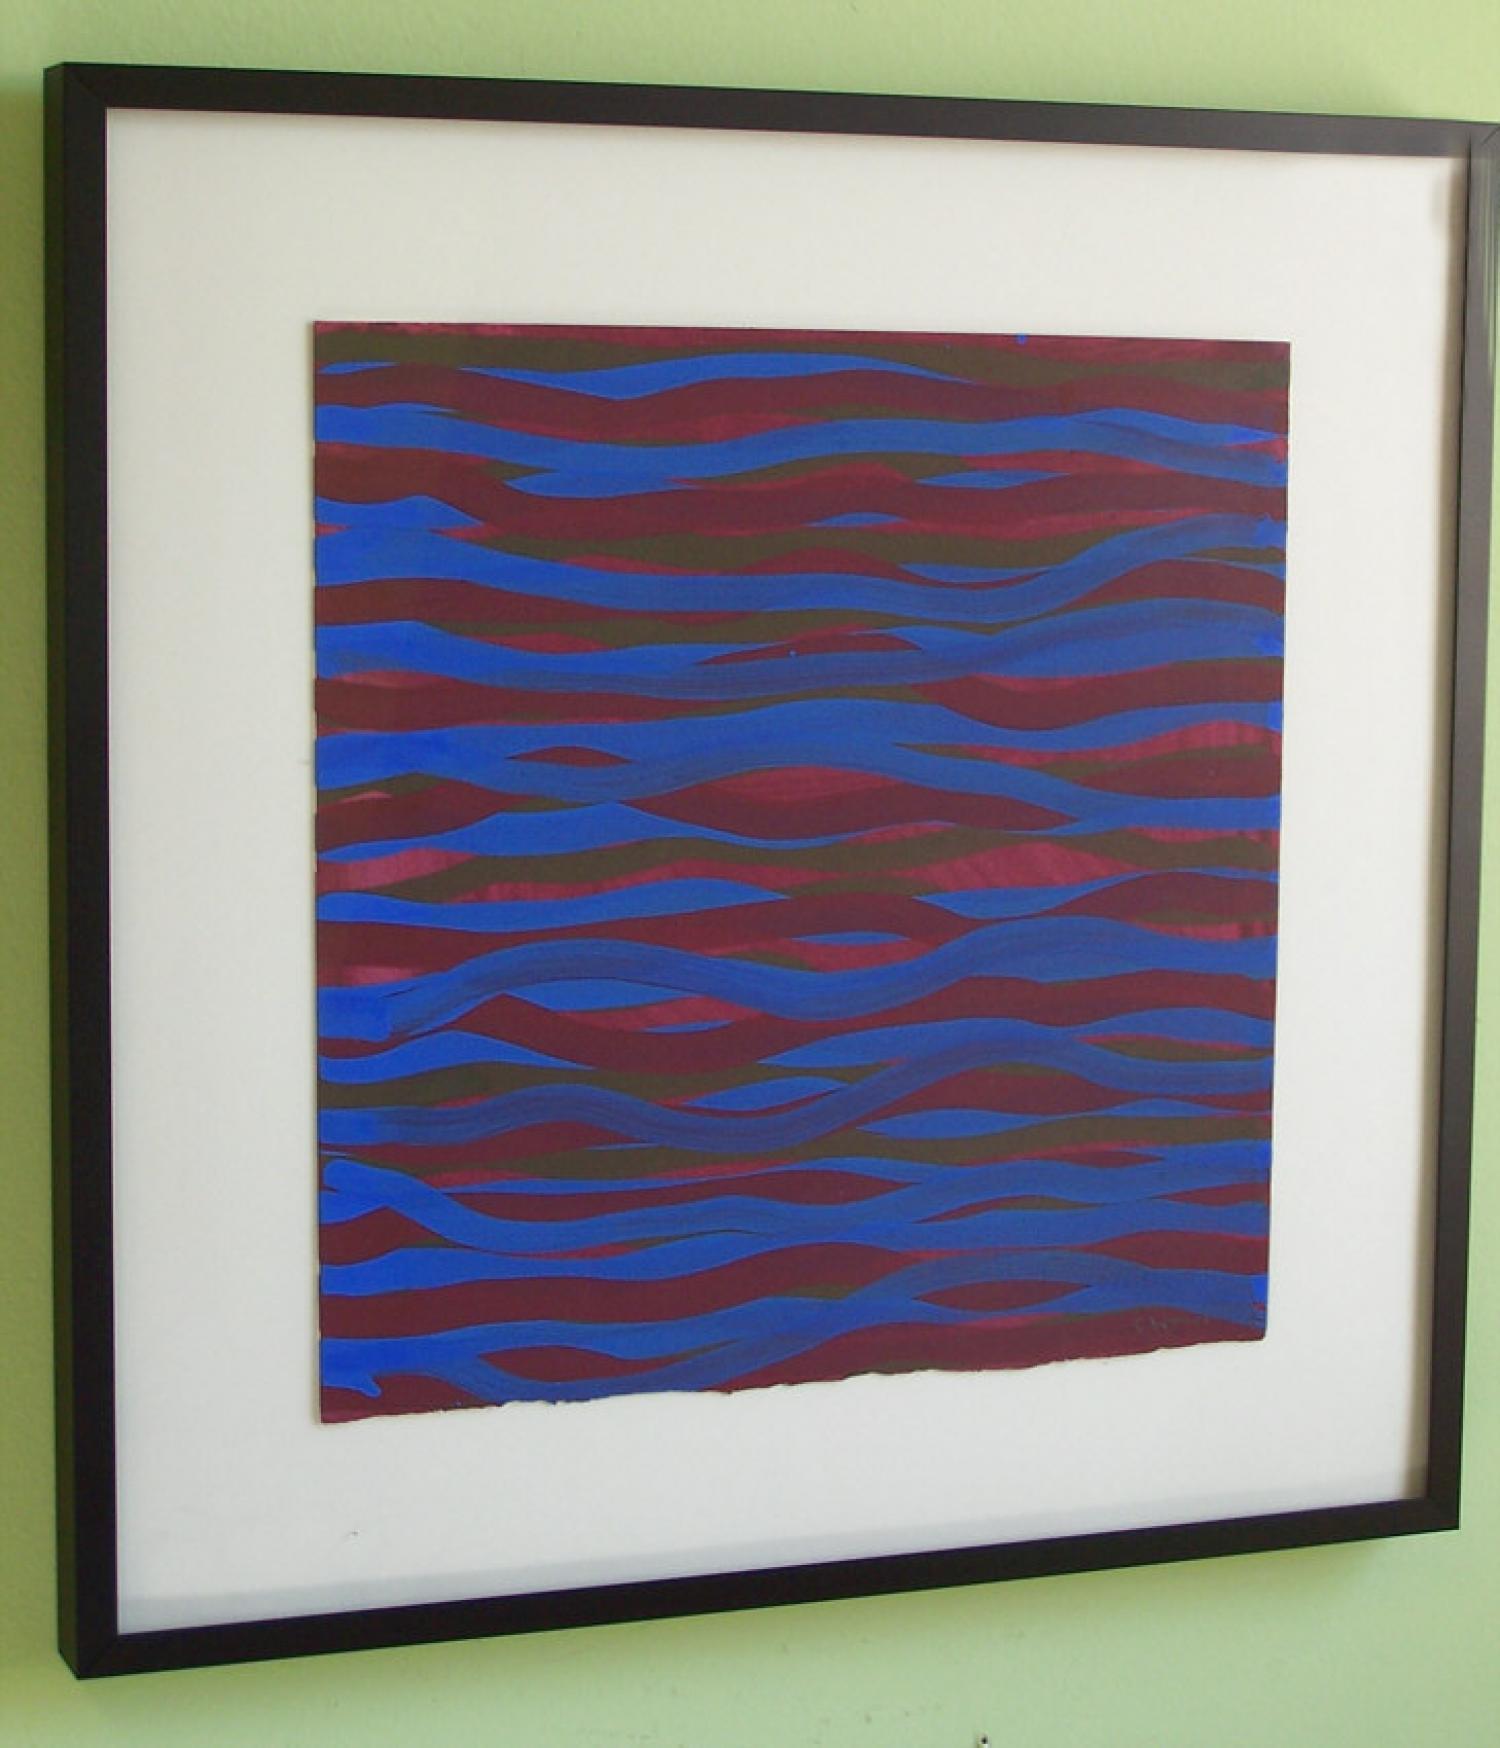 Sol Lewitt Gouache on paper Horizontal Brush Strokes 2003